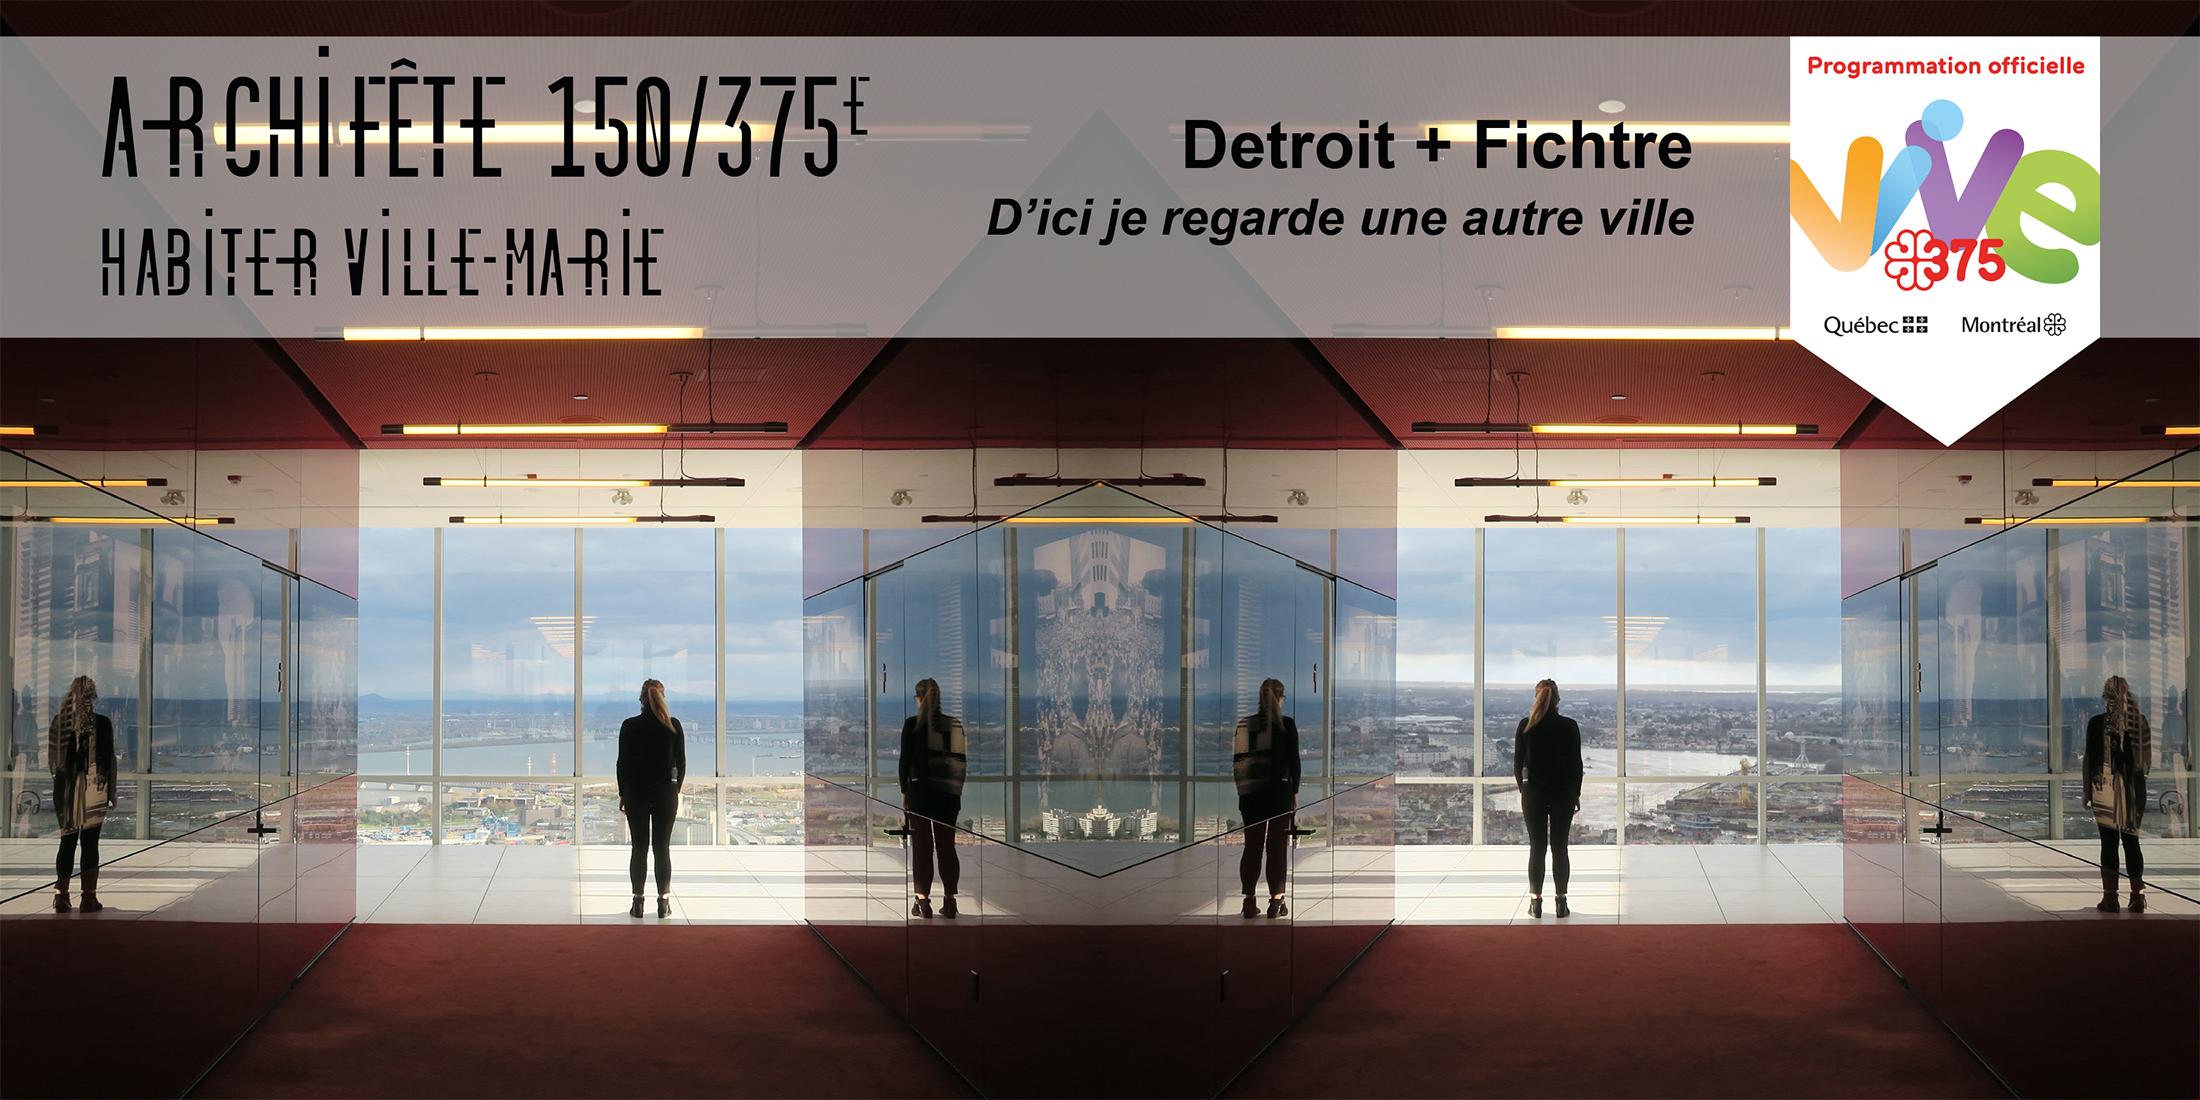 MAQ_DetroitFichtre_HabiterVilleMarie